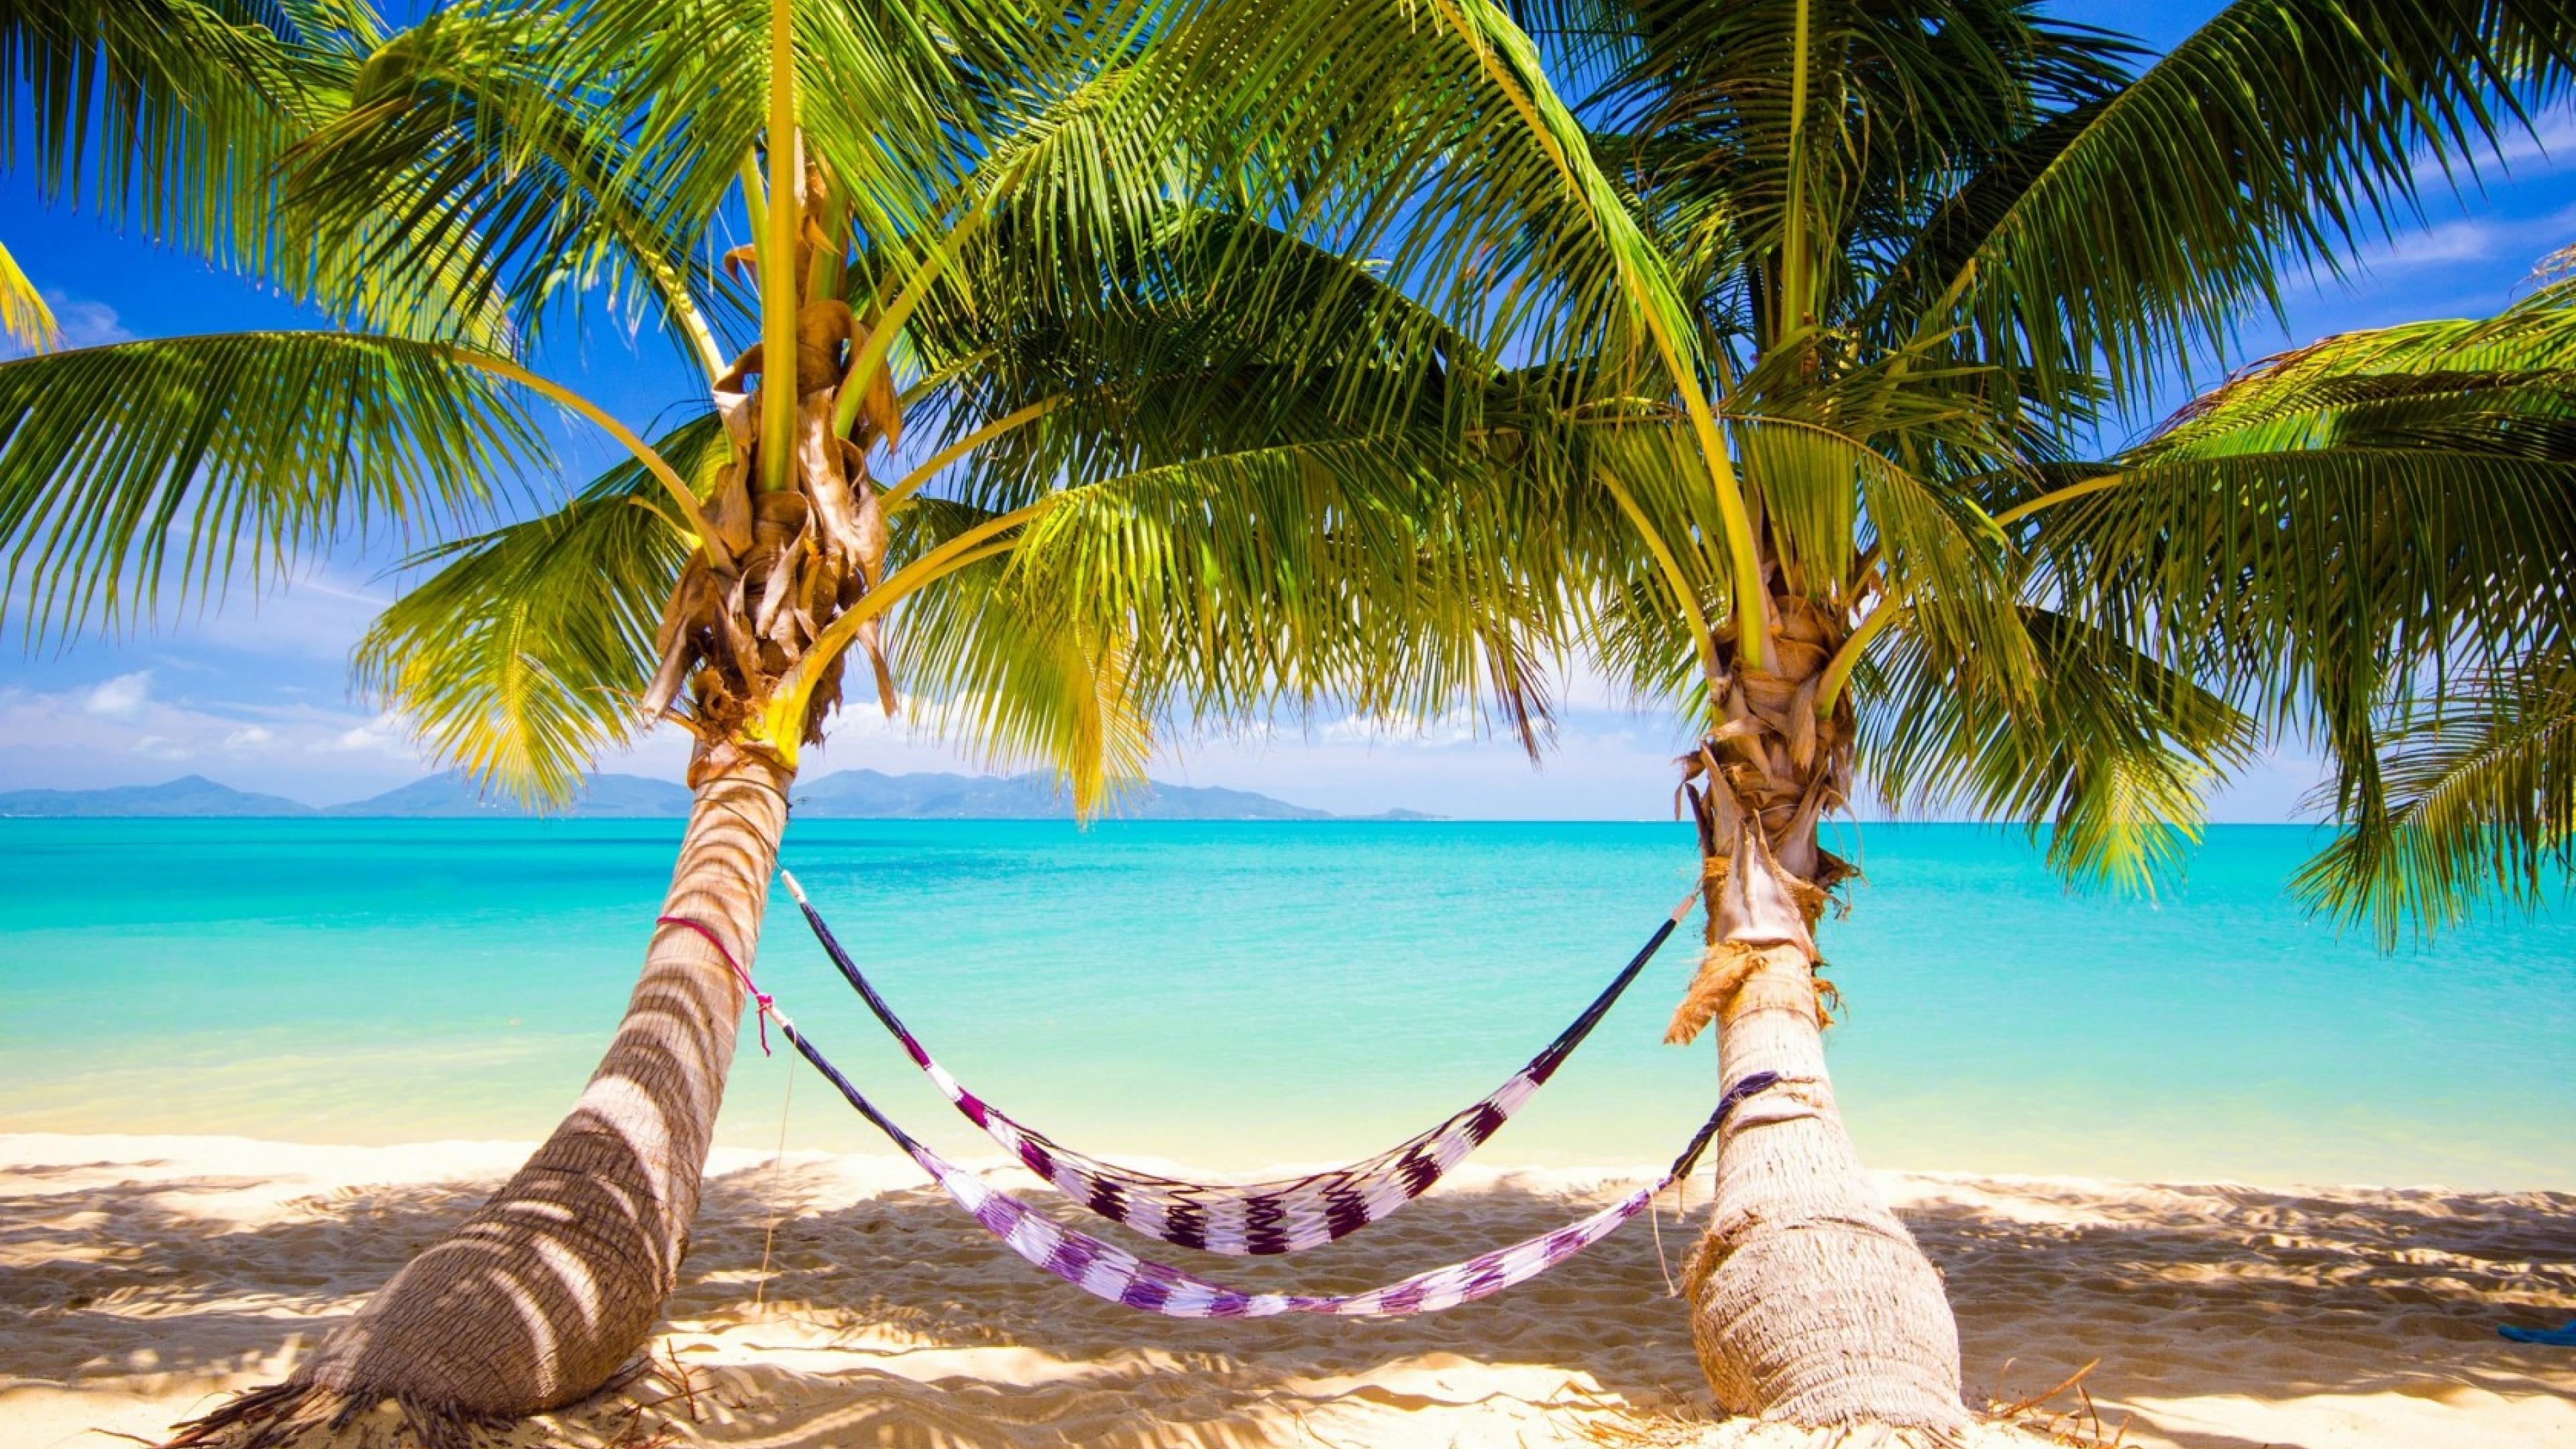 Море песок пляж пальмы  № 3898023 без смс